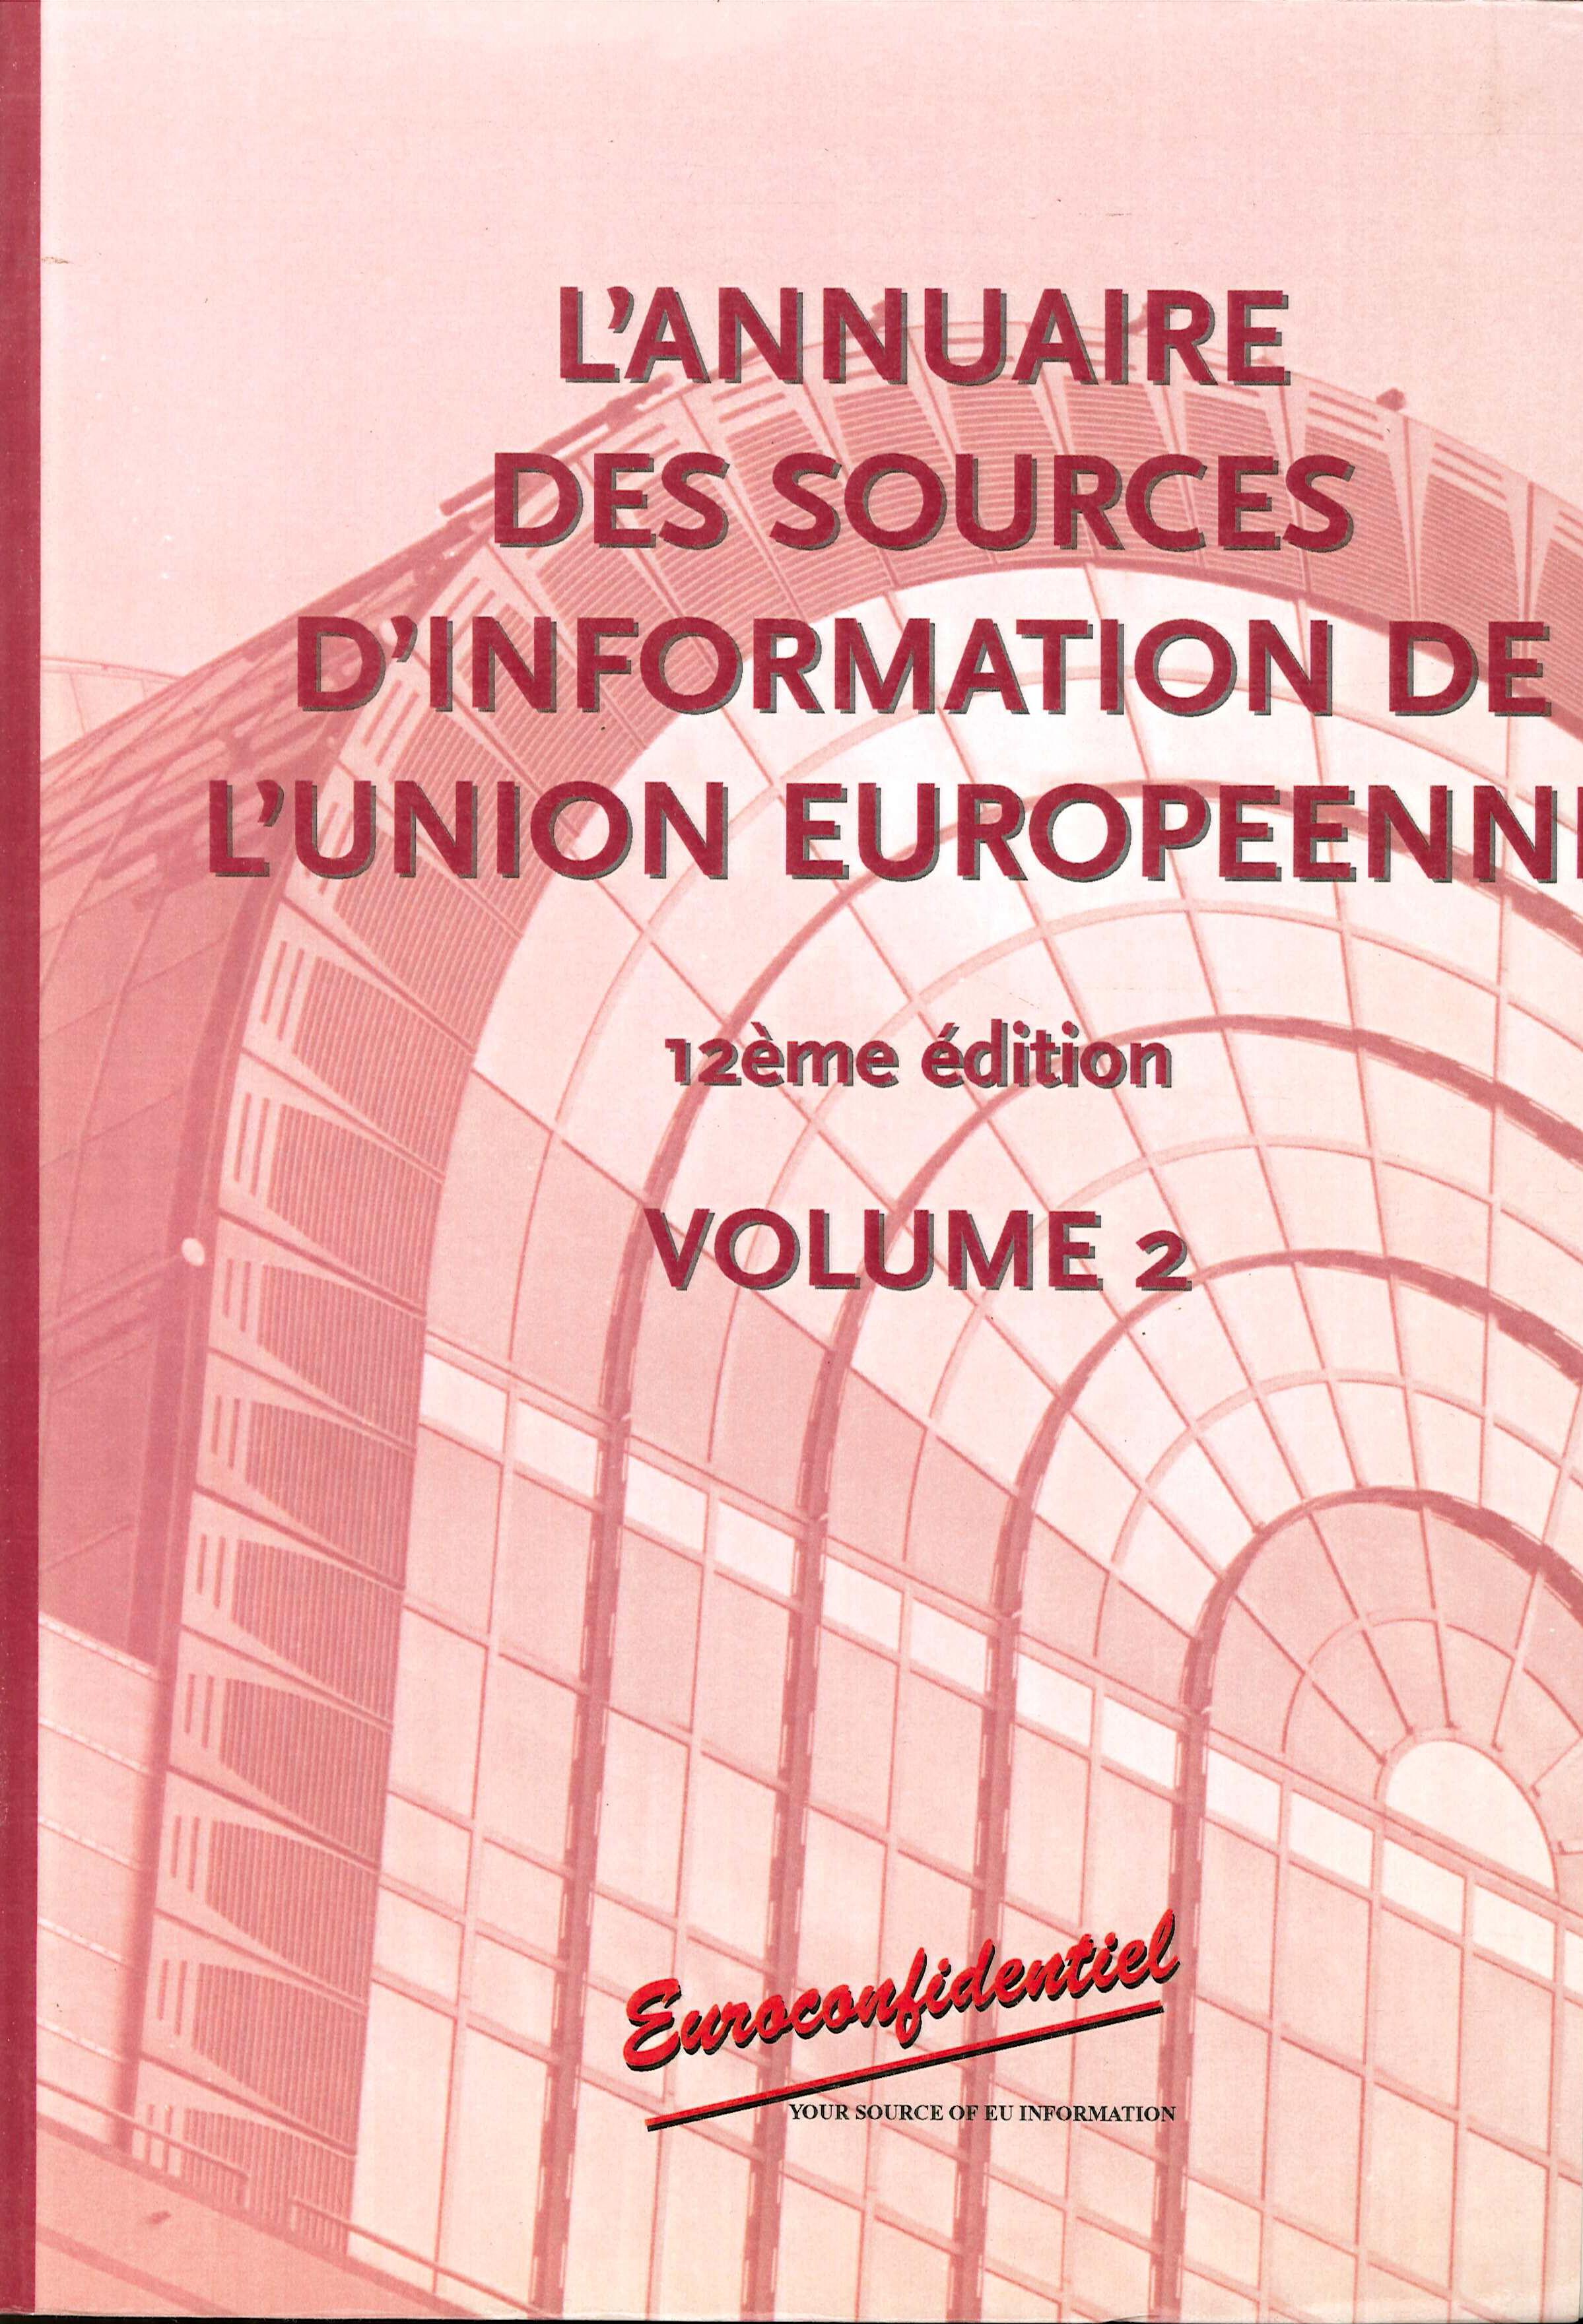 L'Annuaire des sources d'information de l'Union Europeenne. 12éme édition. Volume 2.